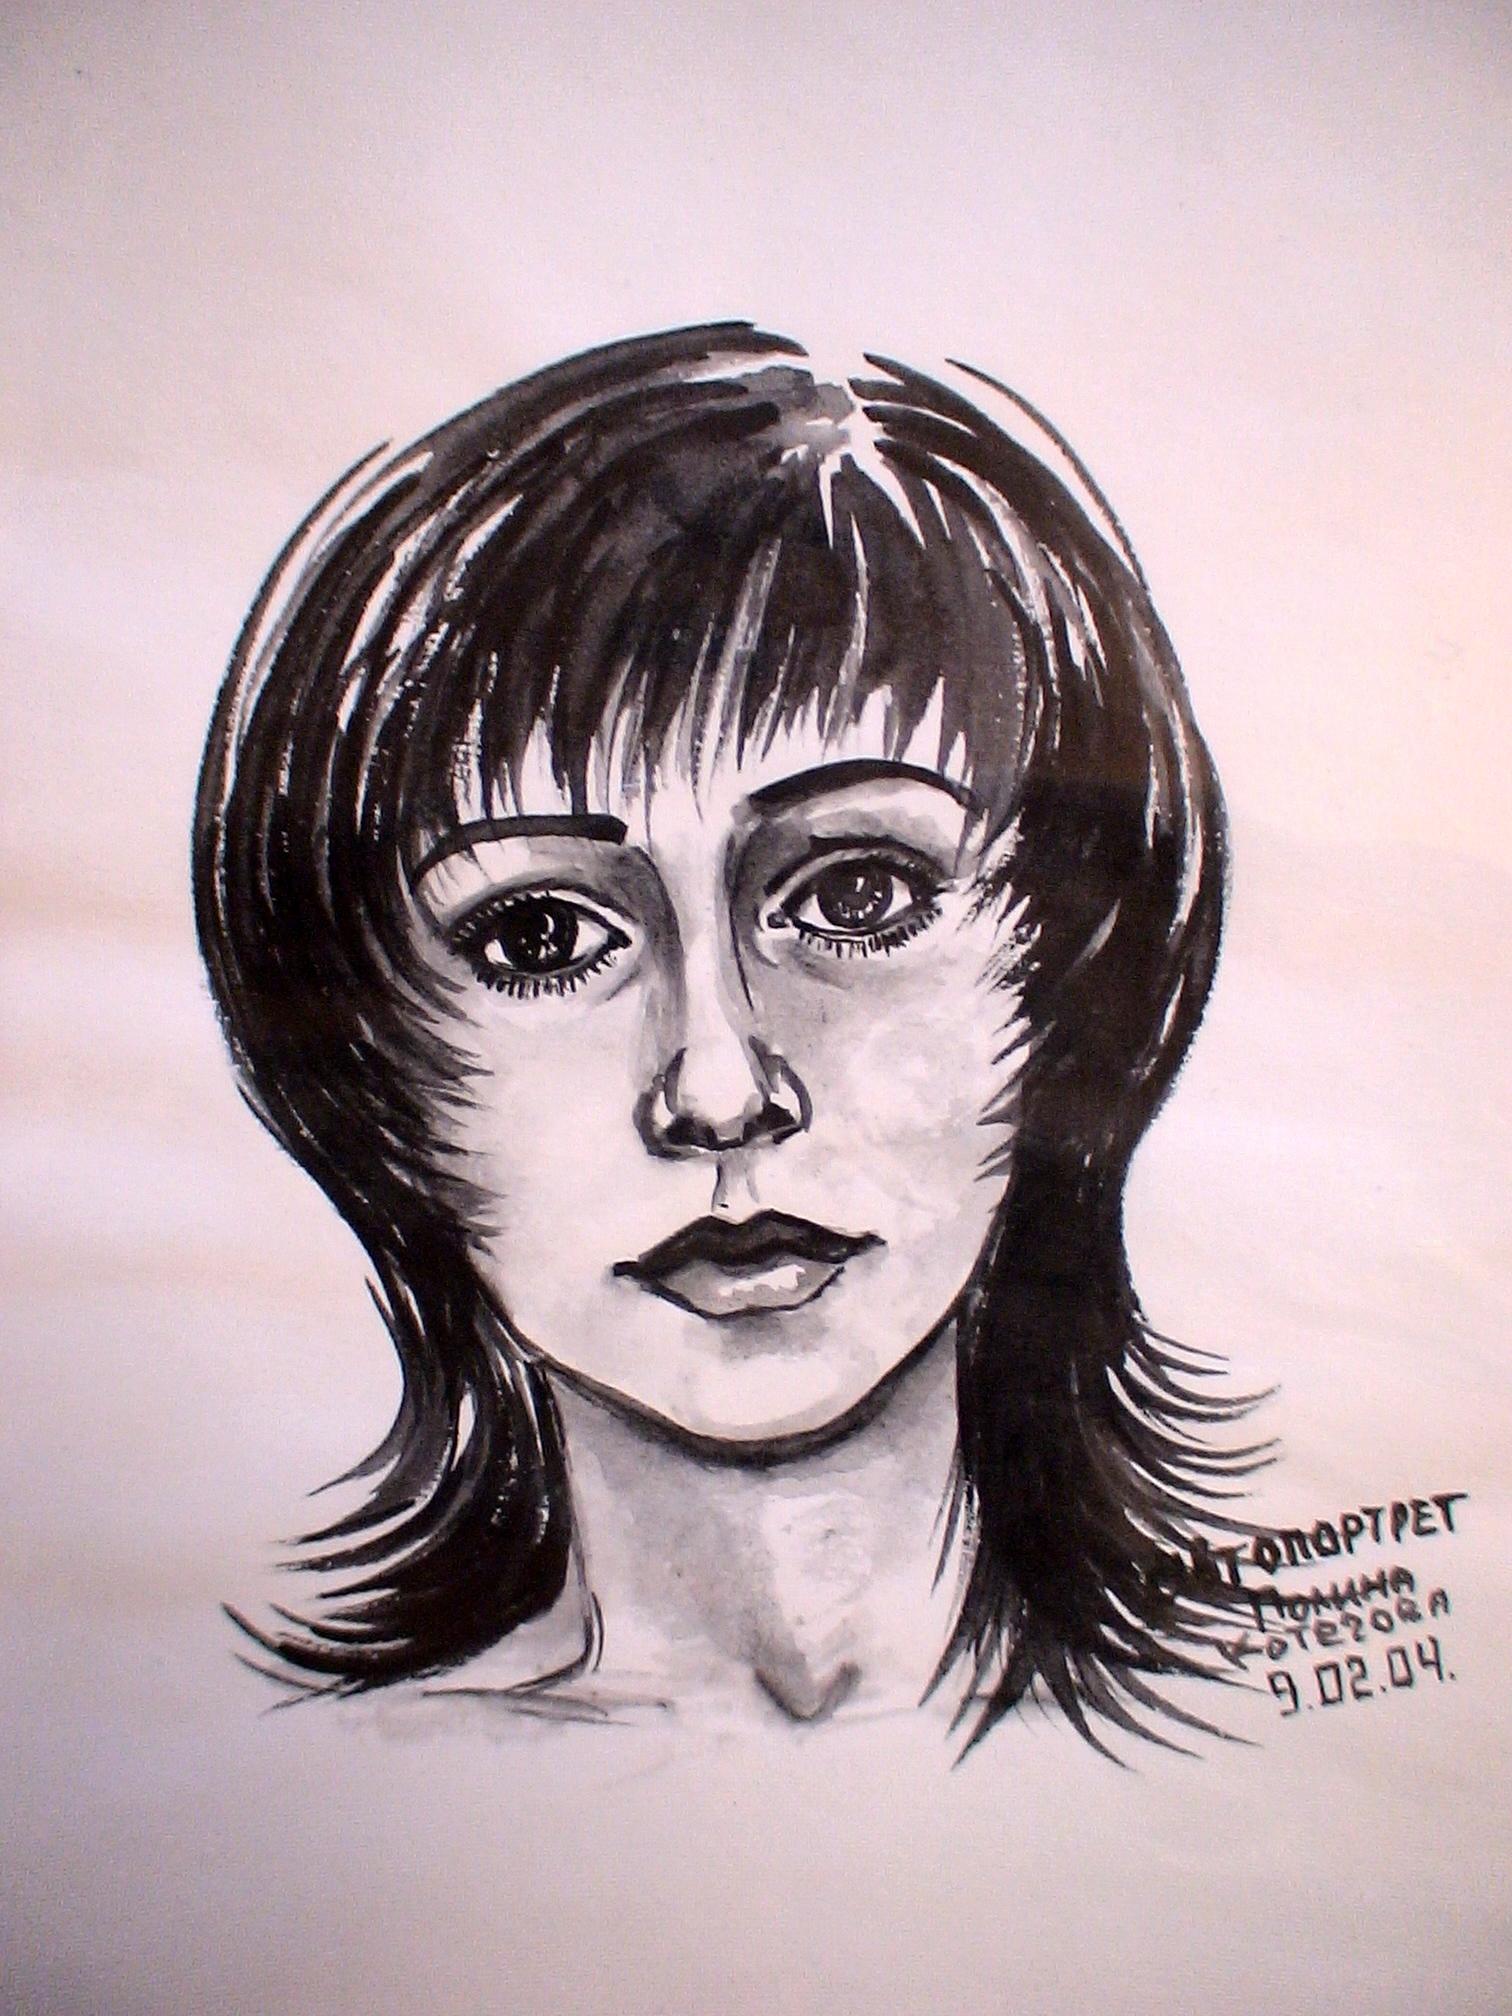 автопортрет (10х15, бумага, акварель)